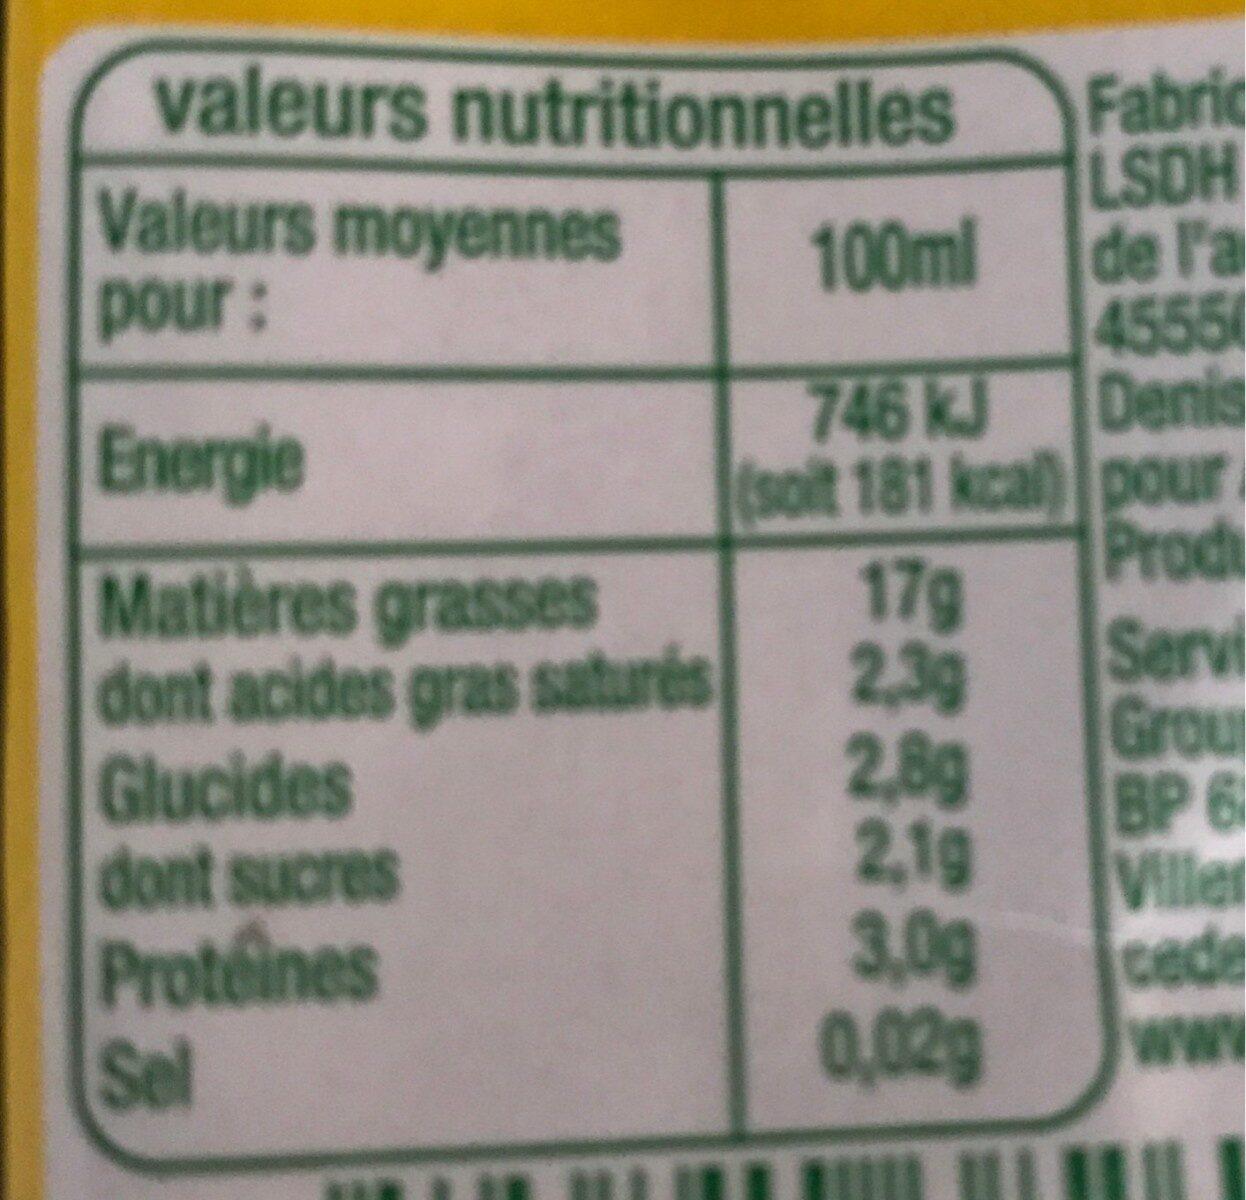 Soja Spécial Cuisine Issu de l'Agriculture Biologique - Nutrition facts - fr